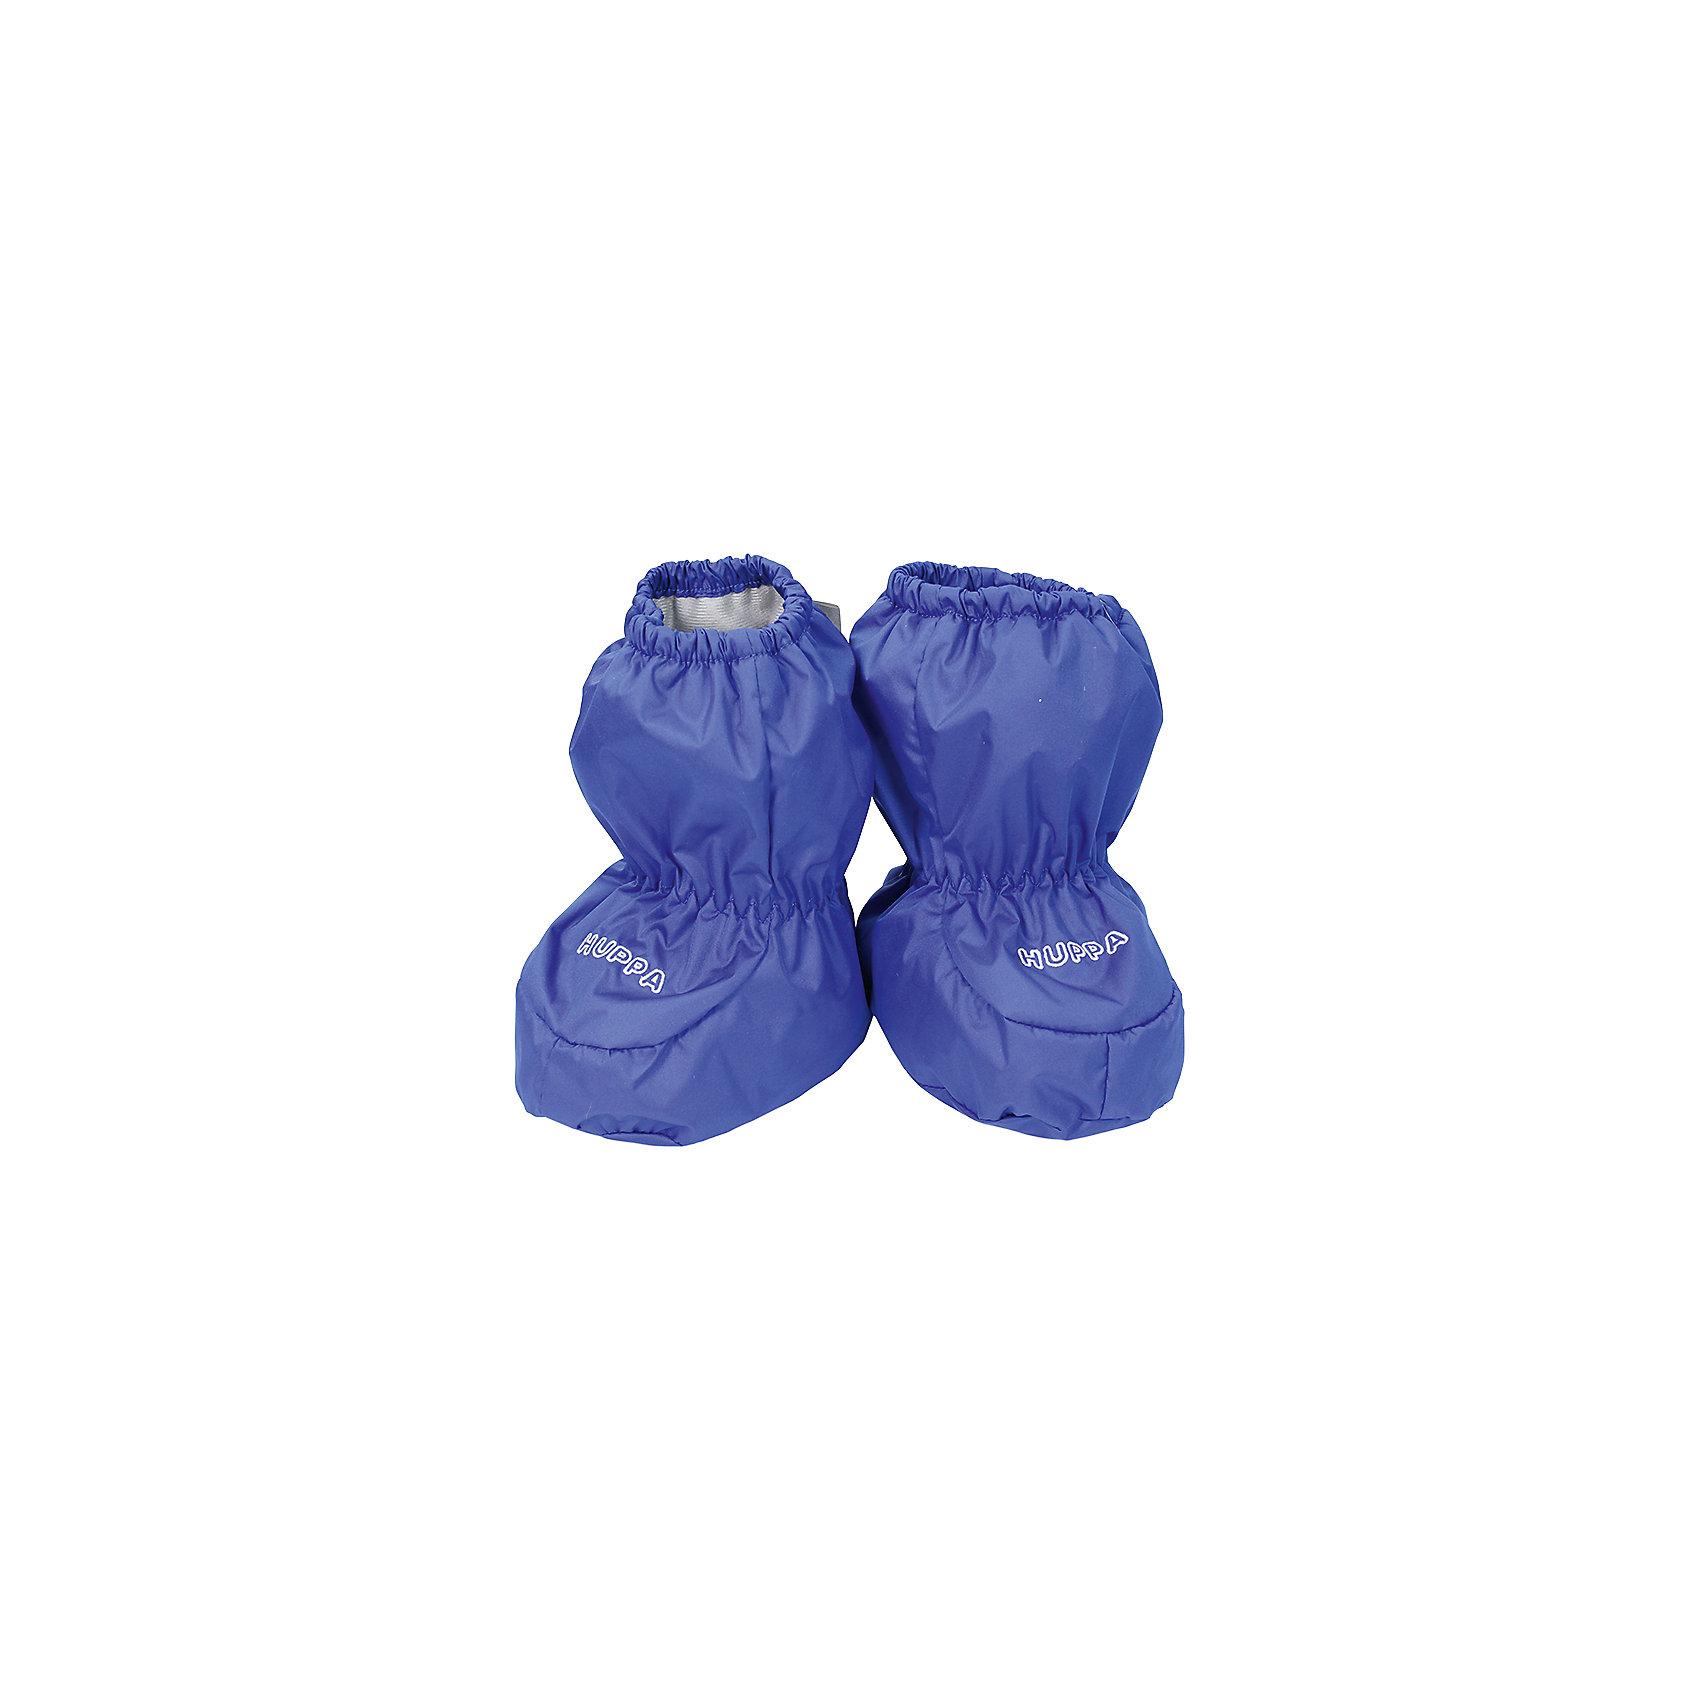 Пинетки для мальчика HuppaHuppaTherm 100 грамм<br>Высокотехнологичный лёгкий синтетический утеплитель нового поколения, сохраняет объём и высокую теплоизоляцию изделия, а также легко стирается и быстро сохнет.<br><br>Влагоустойчивая и дышащая ткань 5000/ 5000<br>Мембрана препятствует прохождению воды и ветра сквозь ткань внутрь изделия, позволяя испаряться выделяемой телом, образовывающейся внутри влаге.<br><br>Светоотражательные детали<br>При плохих погодных условиях или в темноте, когда свет падает на одежду, он отражается, делая ребёнка более заметным, уменьшая возможность несчастных случаев.<br><br>Дополнительная информация:<br><br>Температурный режим: от -5  до +5 С<br>Верх: 100% полиэстер<br>Подкладка: корал-флис (смесь хлопка и полиэстера)<br><br>Пинетки для мальчика Huppa можно купить в нашем магазине.<br><br>Ширина мм: 152<br>Глубина мм: 126<br>Высота мм: 93<br>Вес г: 242<br>Цвет: синий<br>Возраст от месяцев: 0<br>Возраст до месяцев: 12<br>Пол: Мужской<br>Возраст: Детский<br>Размер: one size<br>SKU: 4595866